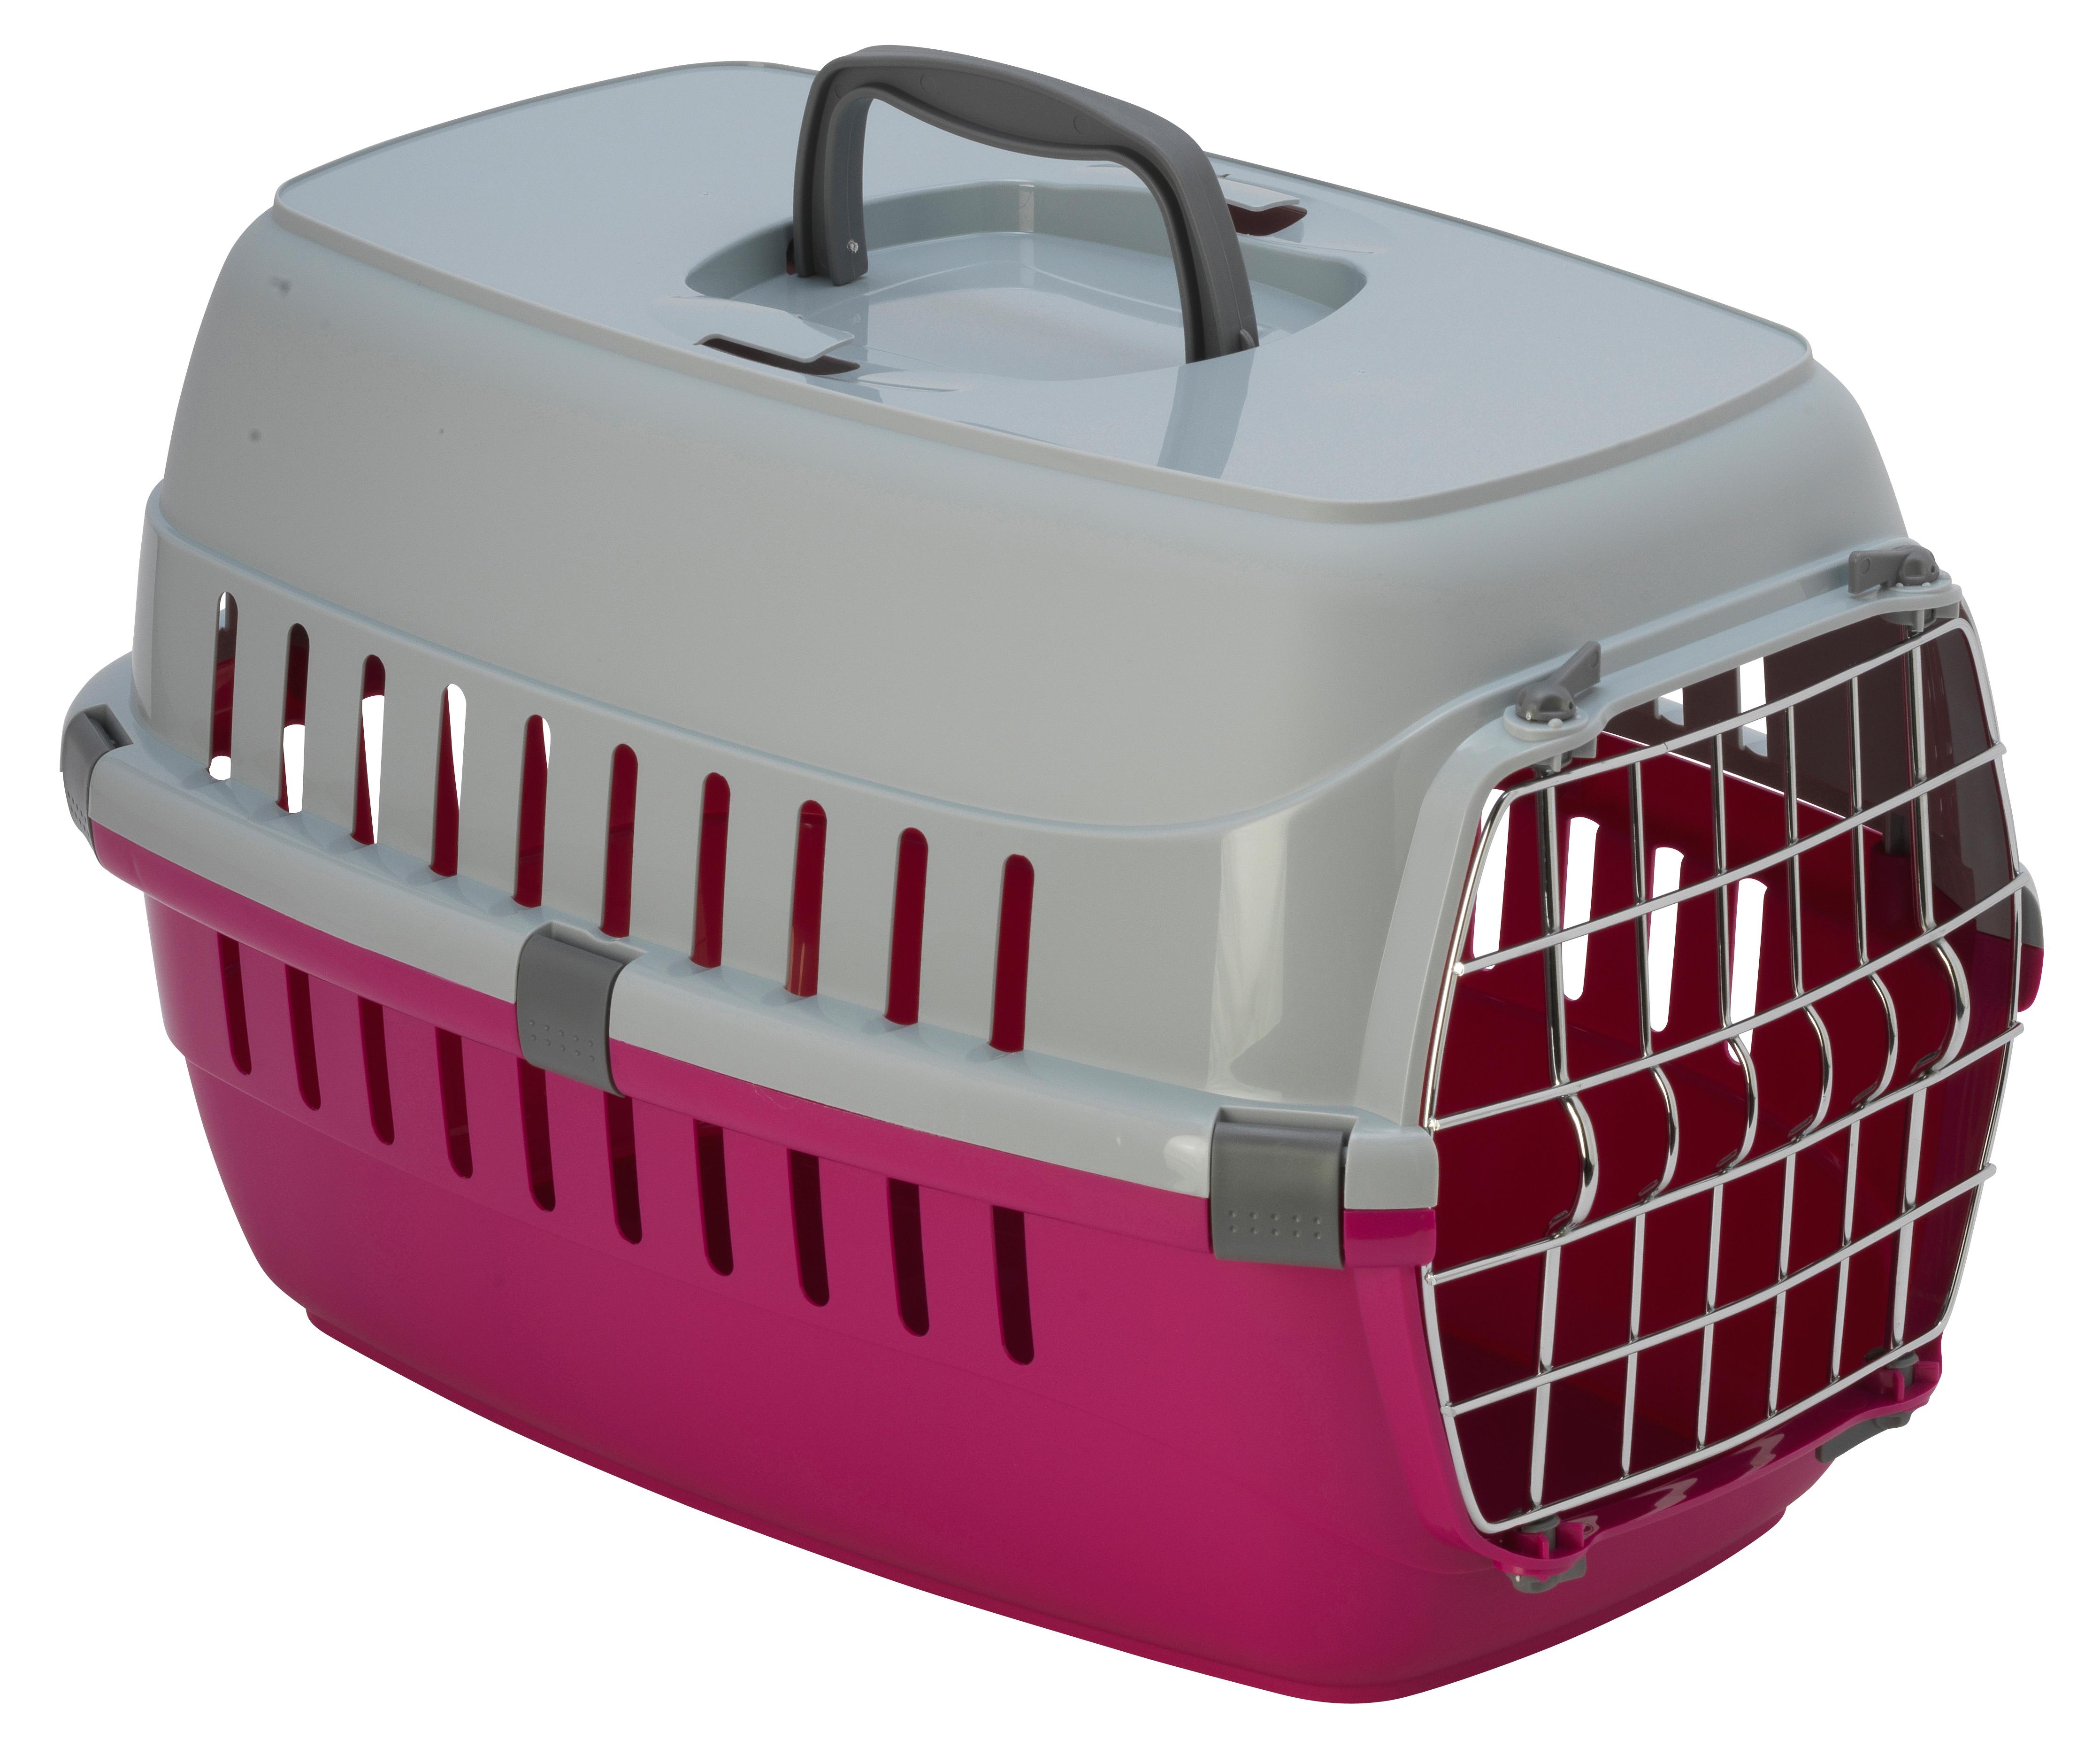 Transportbur Roadrunner 1 Metalldörr Hot Pink MP Hundburar plast Dörr Väskor Hundburar